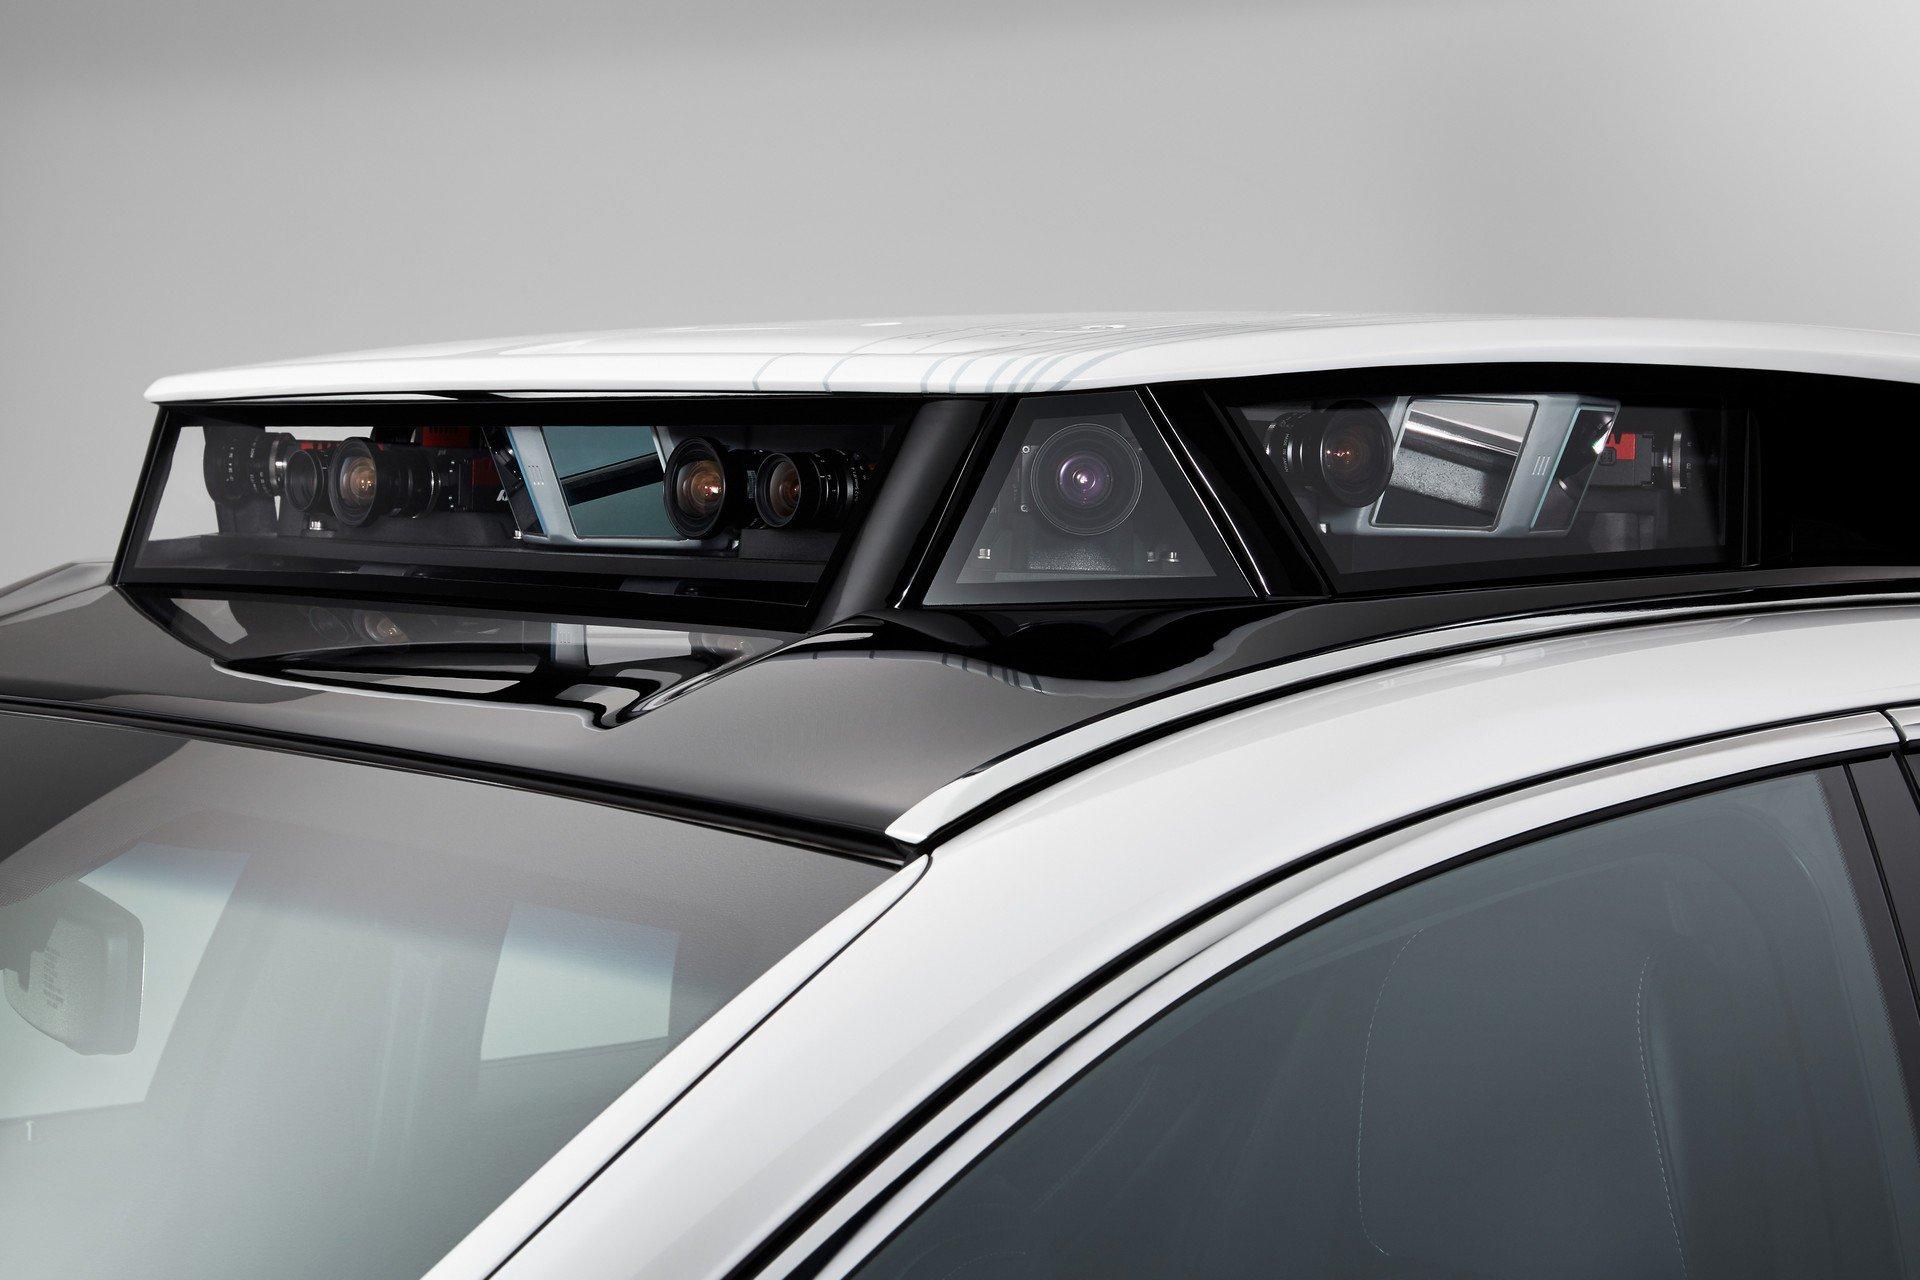 Toyota CES Lexus LS500h TRI-P4 autonomous (9)